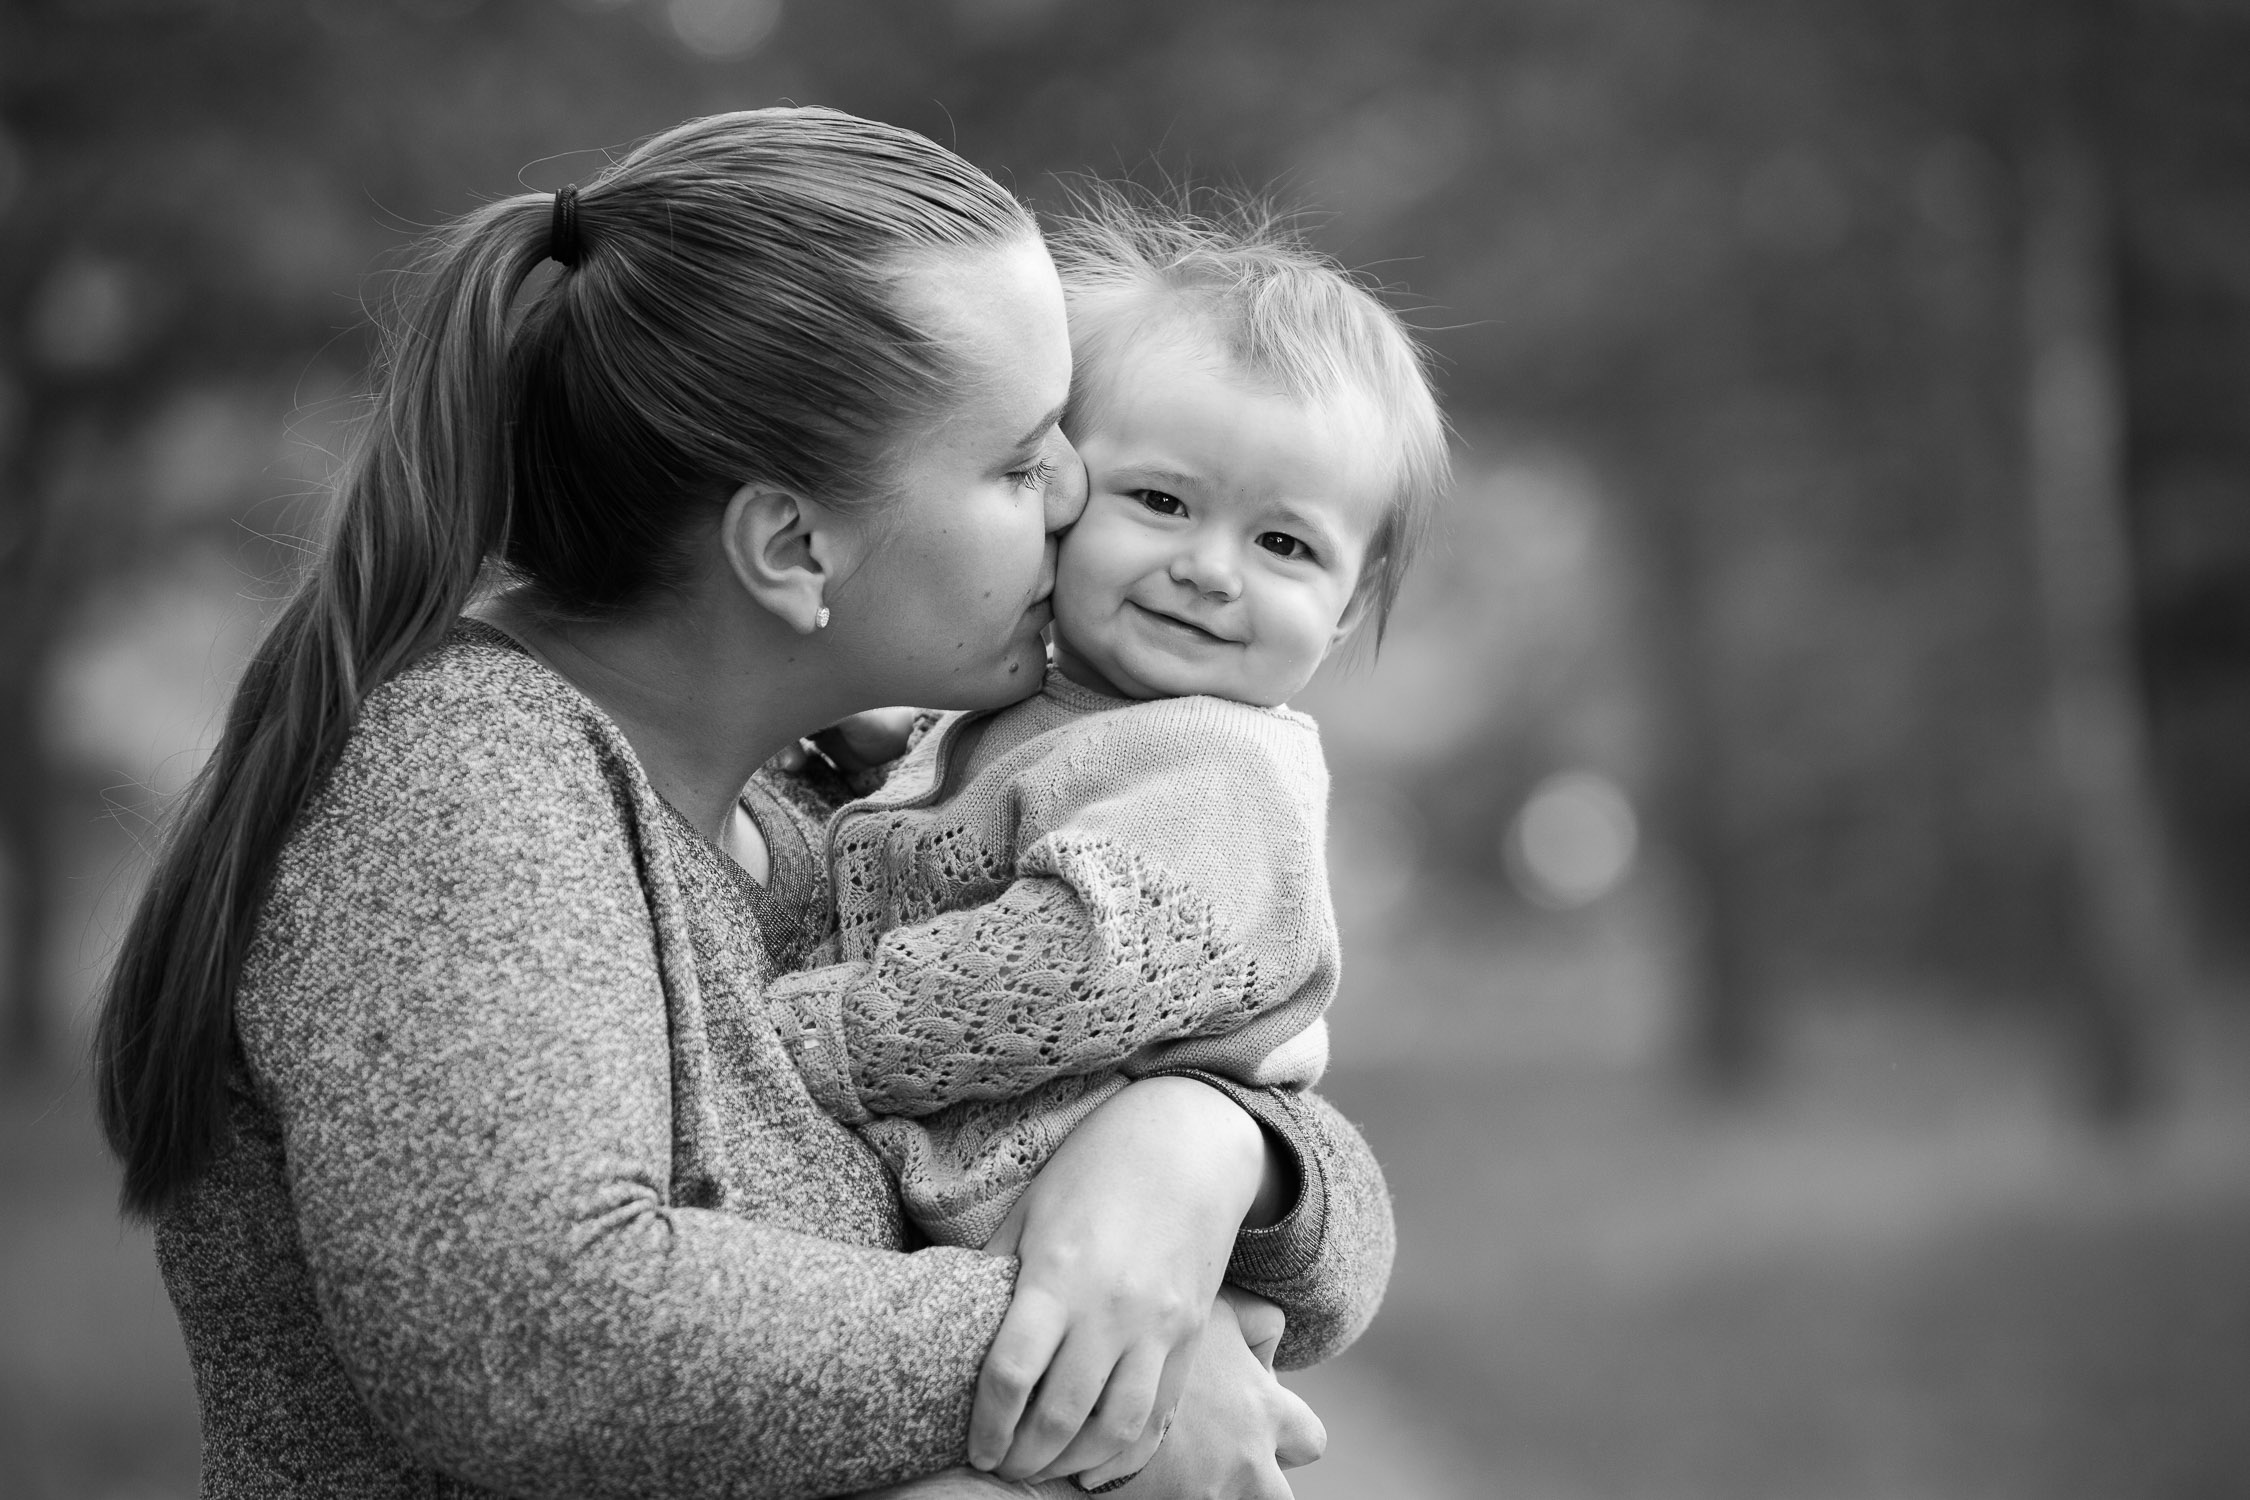 barn-fotograf-mariefred-strangnas-nykvarn-3